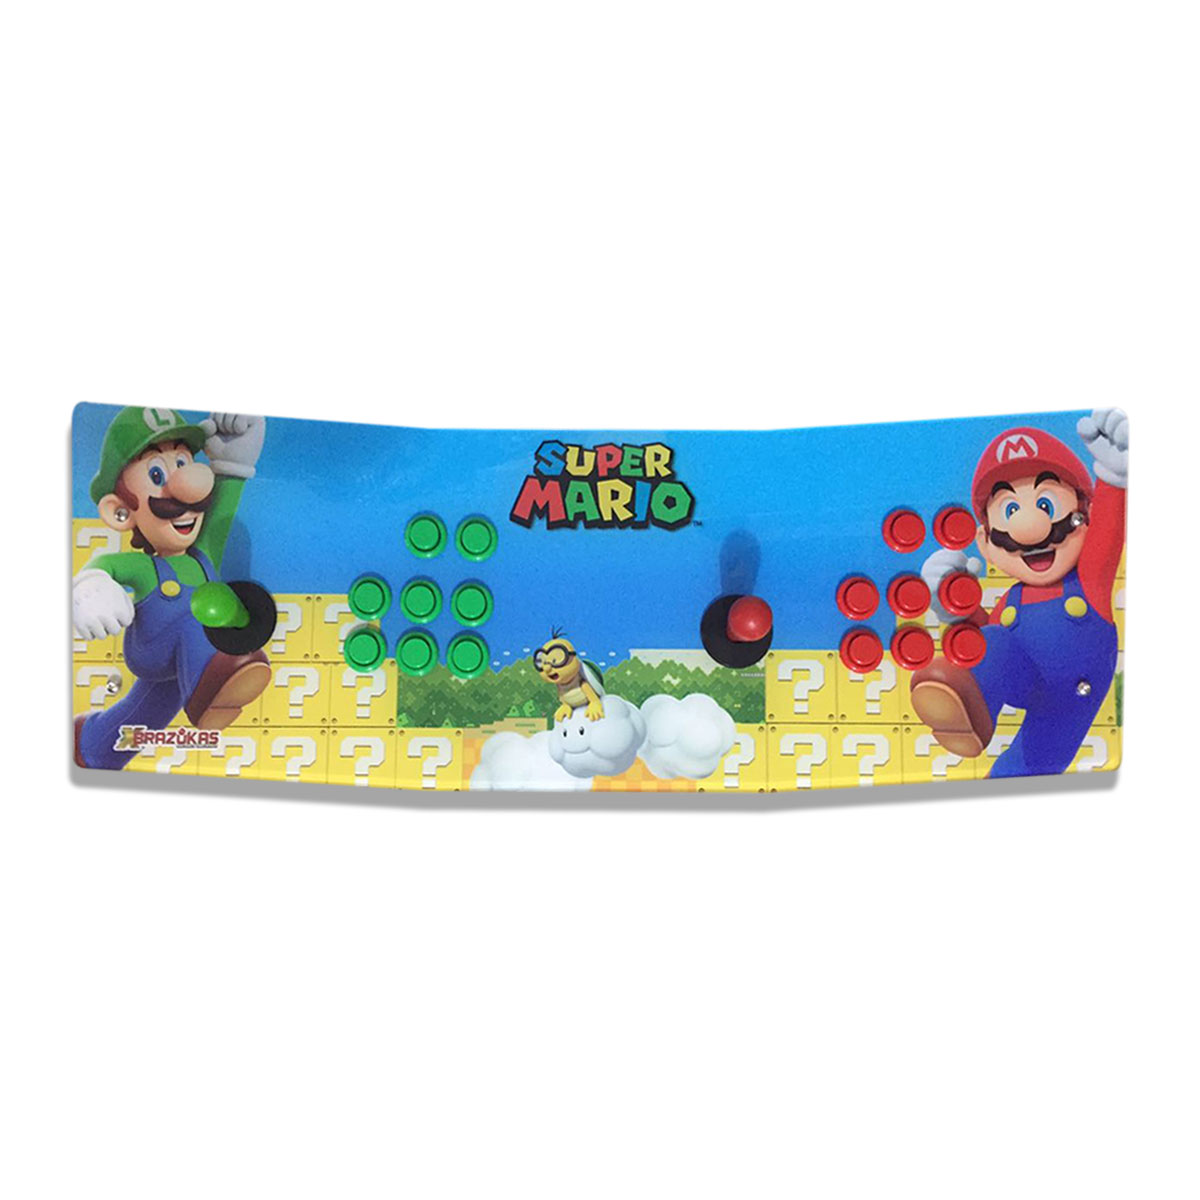 Máquina Fliperama (Controle Duplo Arcade) com desenho do Super Mario